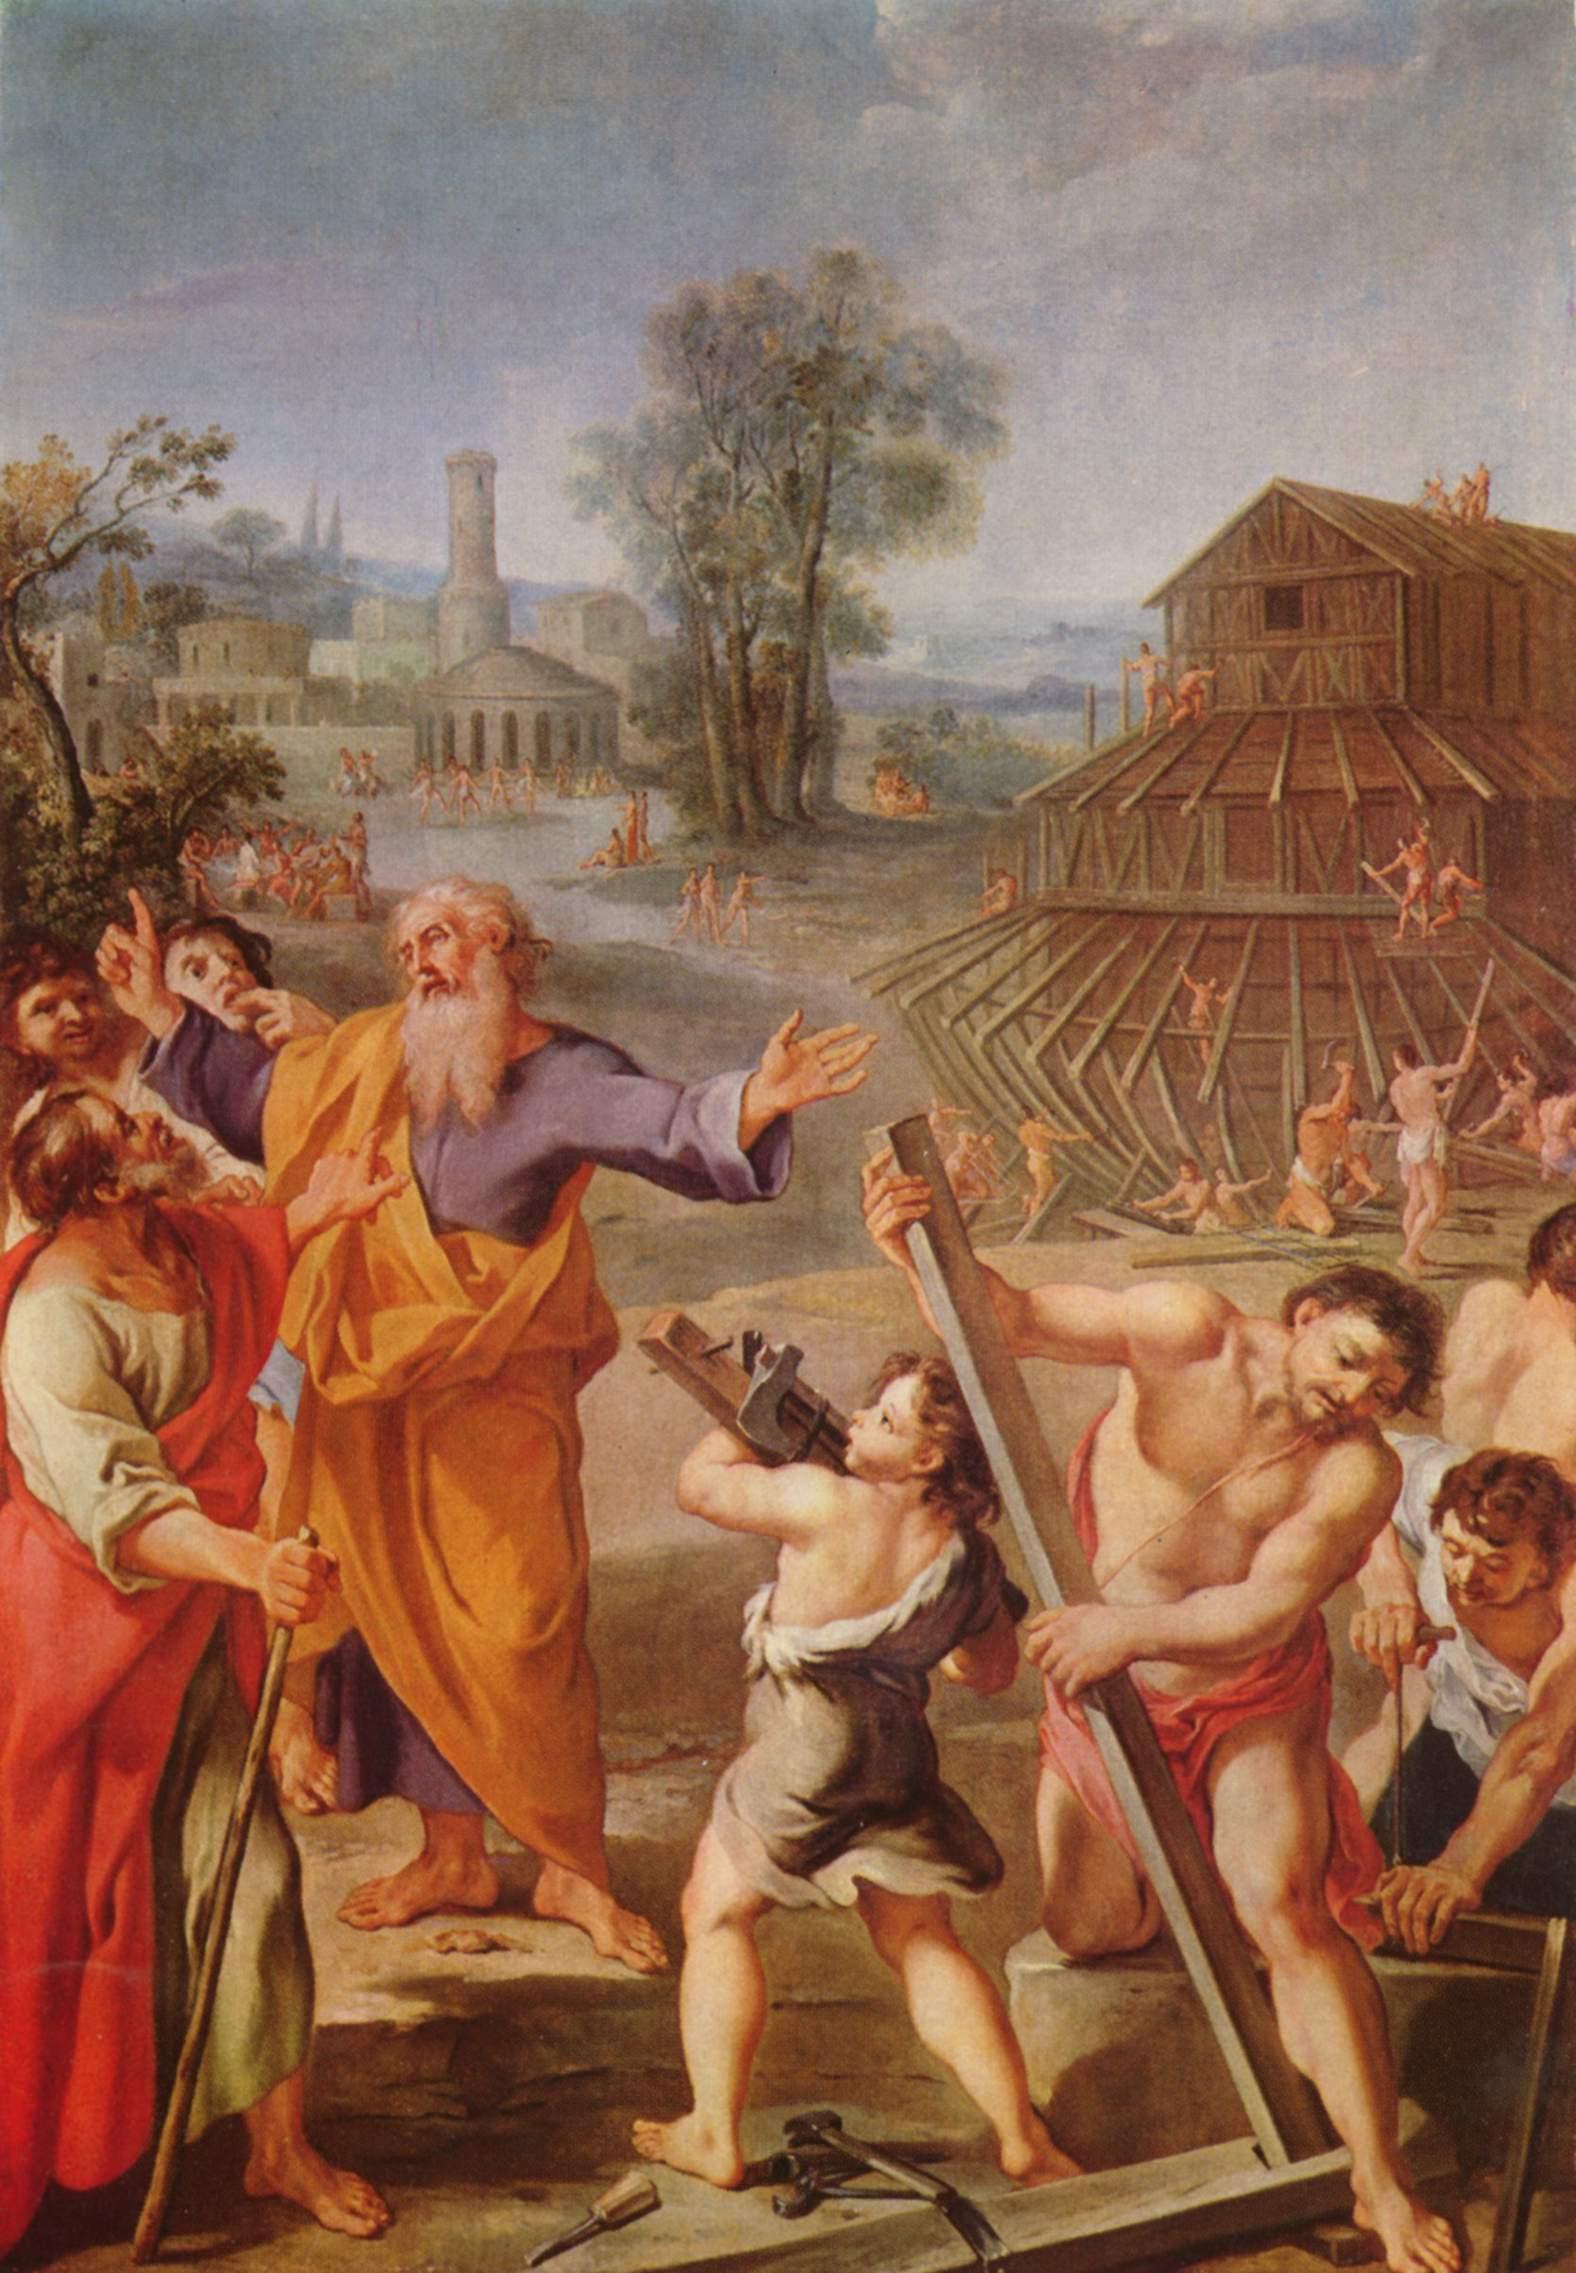 Строительство Ноева ковчега. Анонимный французский мастер, ок. 1675